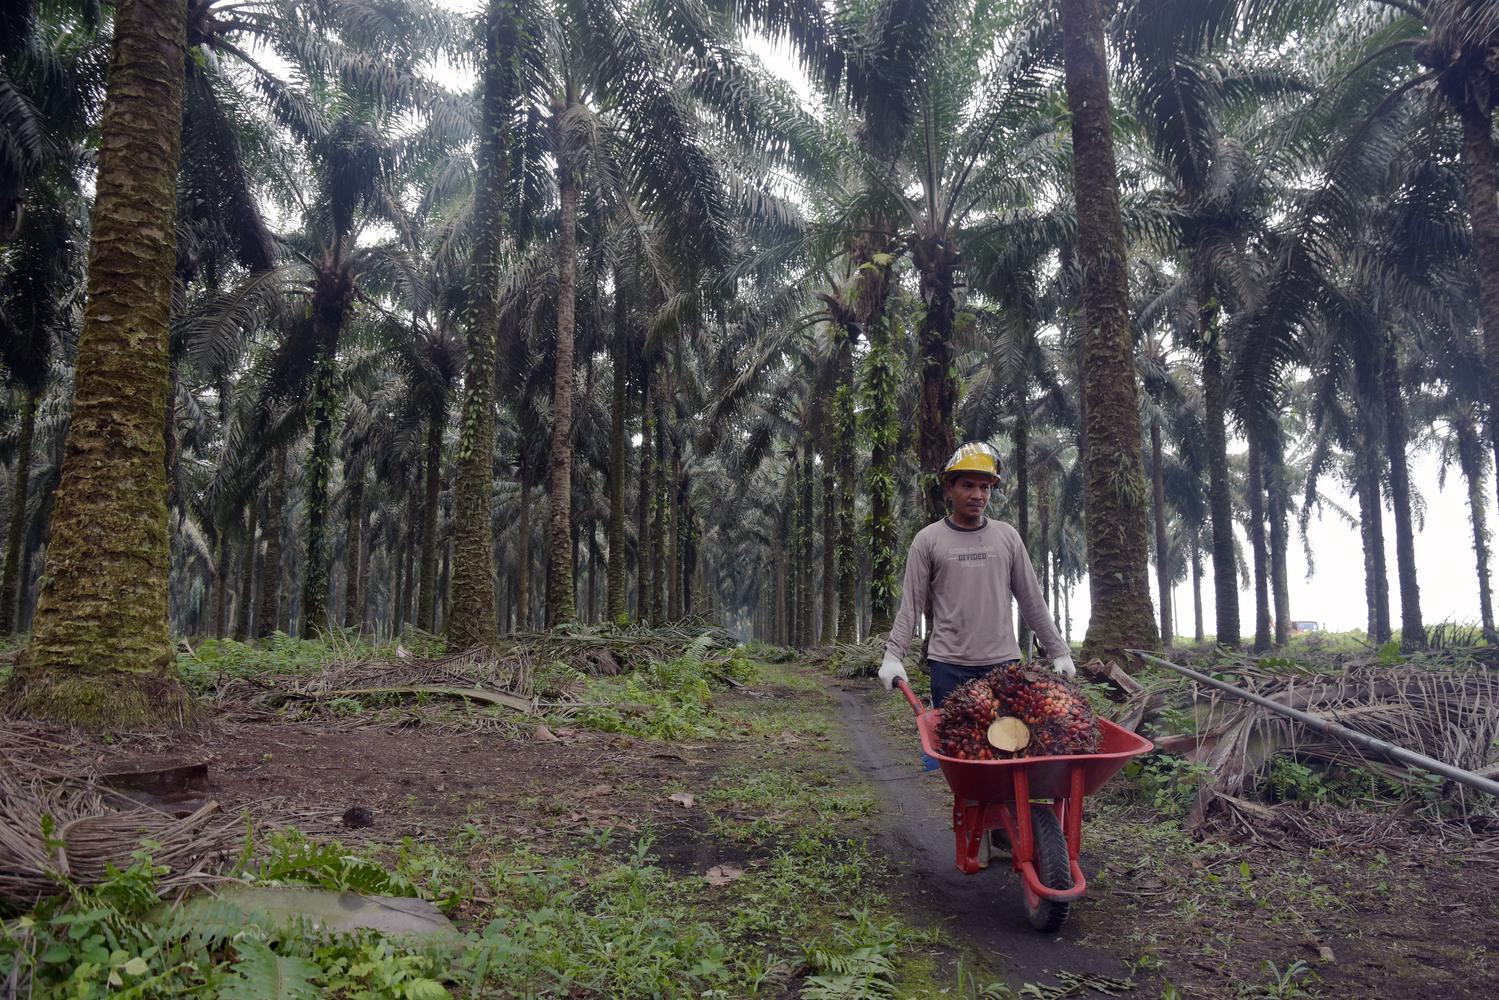 Salah Tata Kelola, Industri Sawit Hanya Untungkan Segelintir Orang.